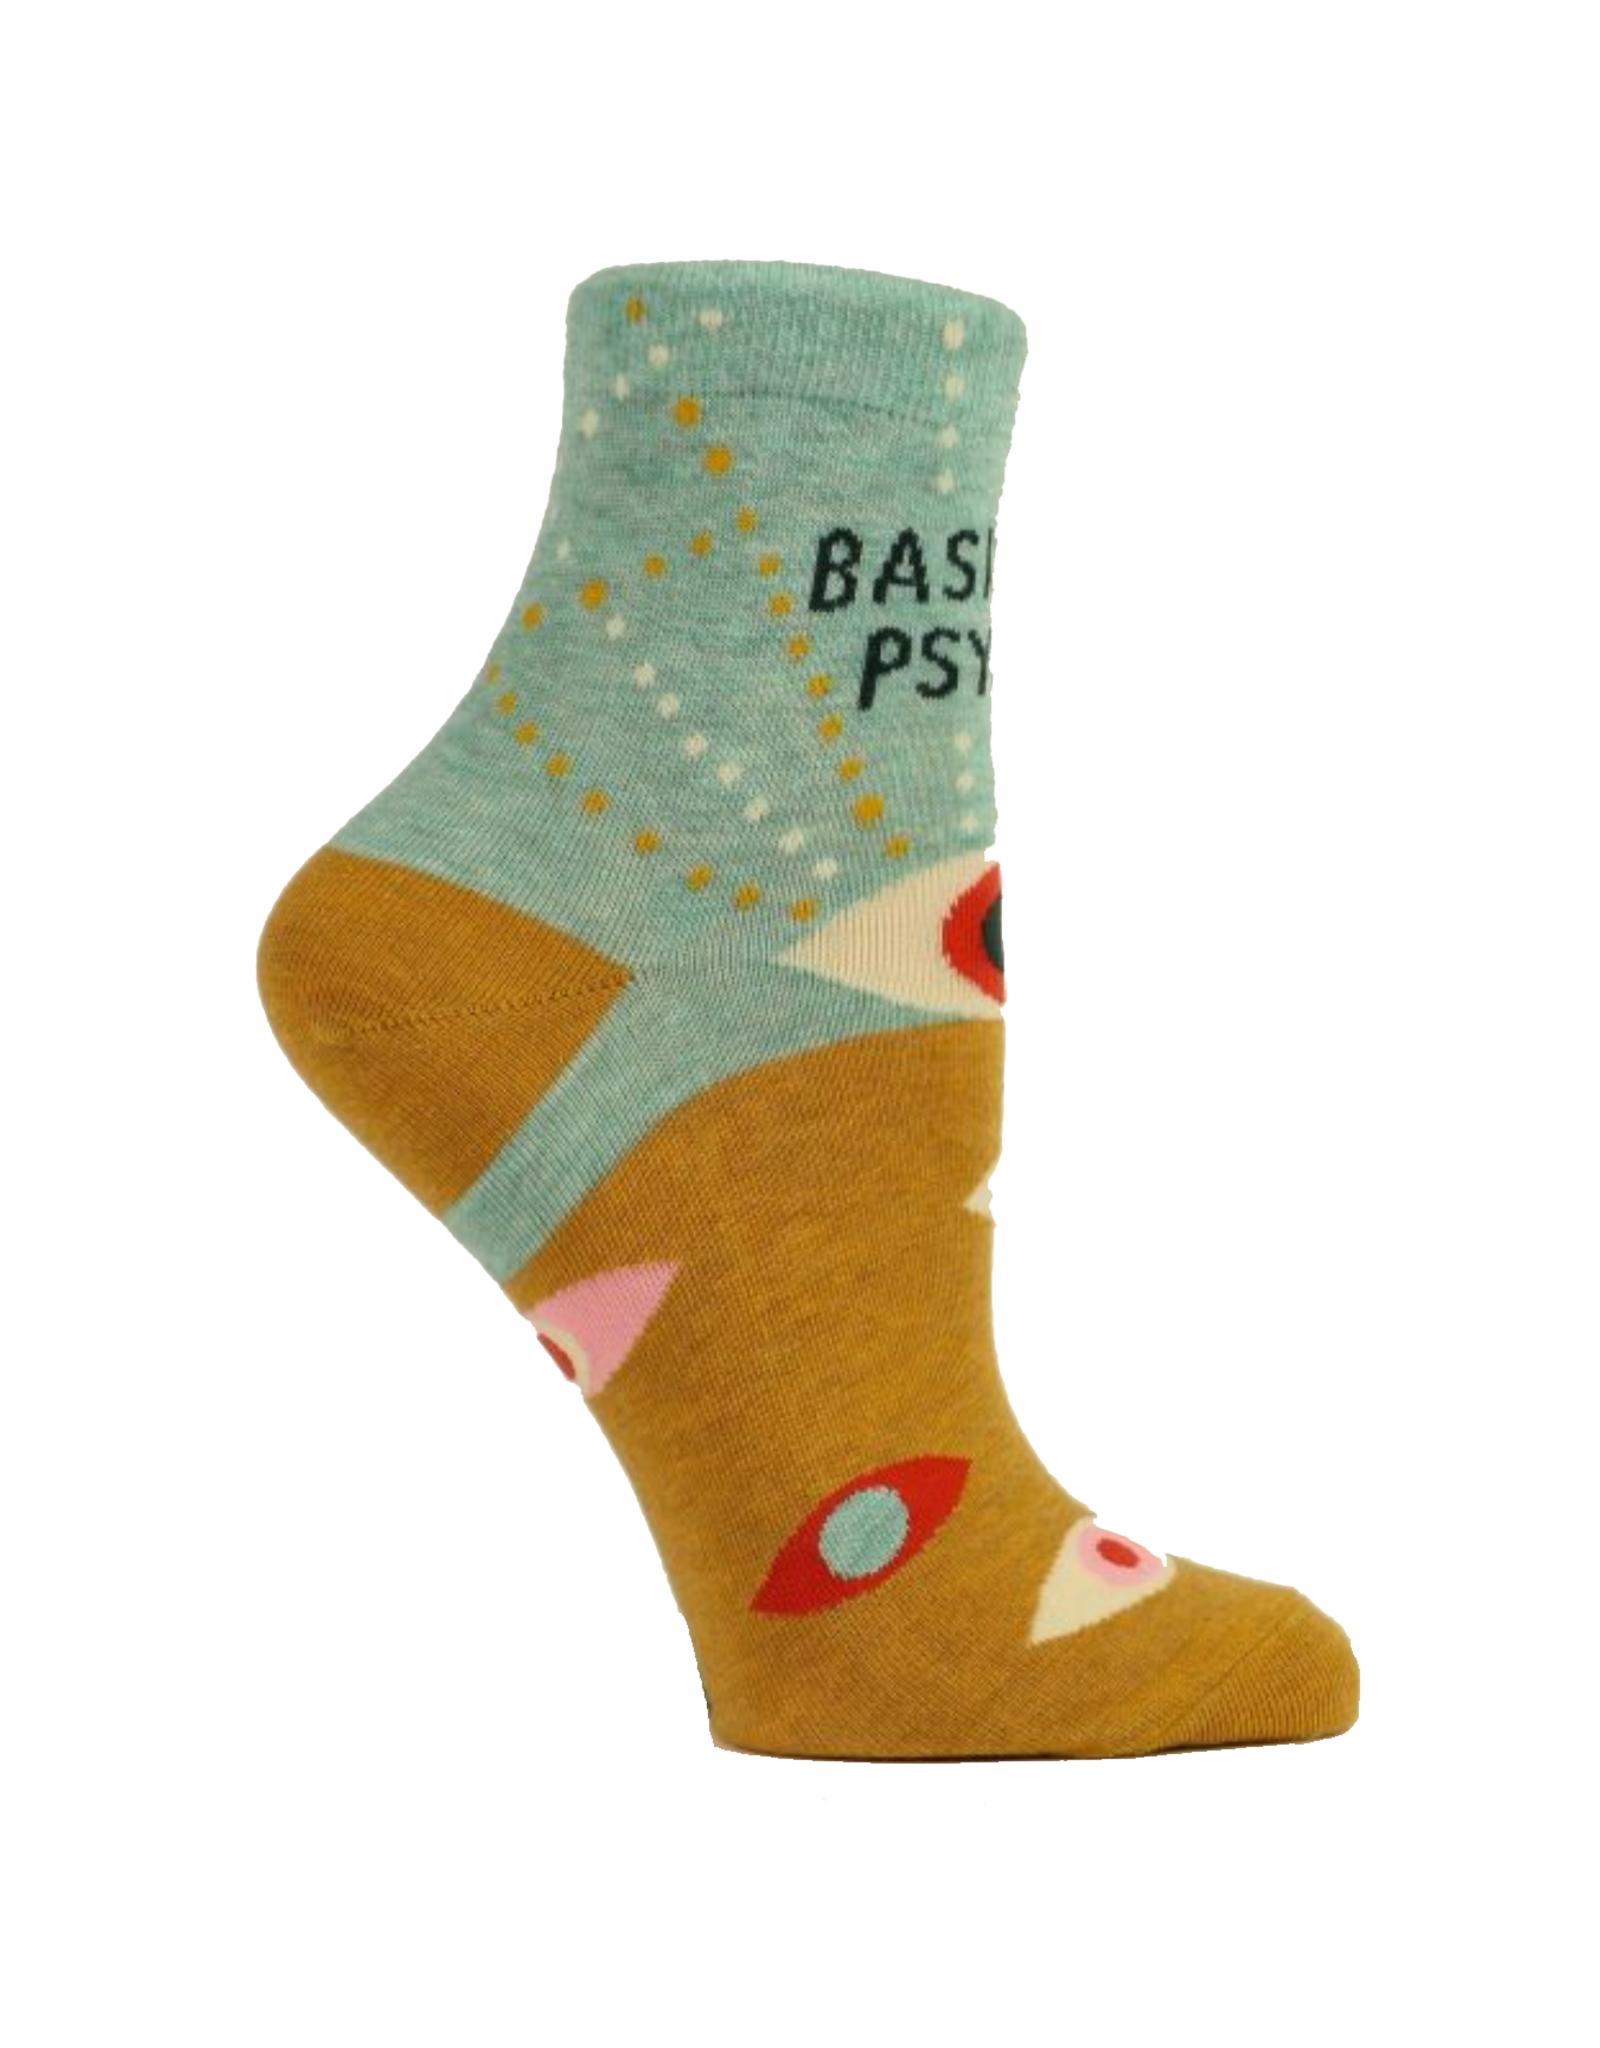 Basically Psychic Women's Ankle Socks